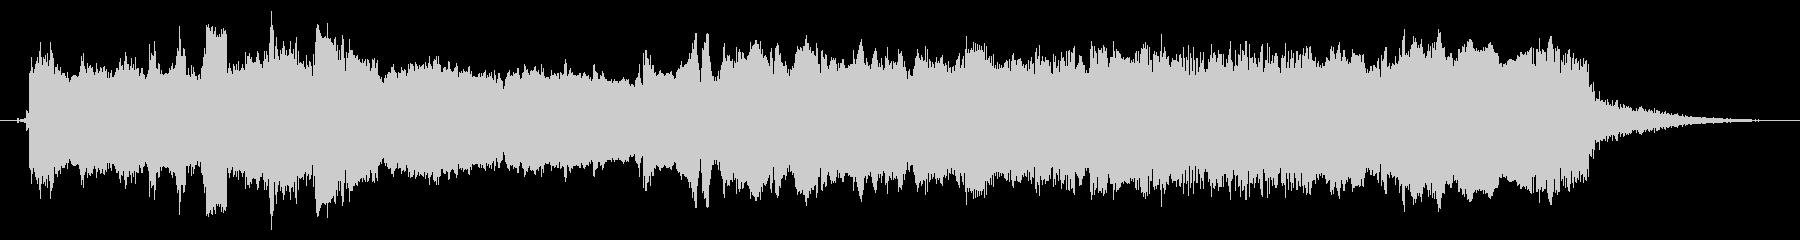 エレクトリックギター:ショートブル...の未再生の波形